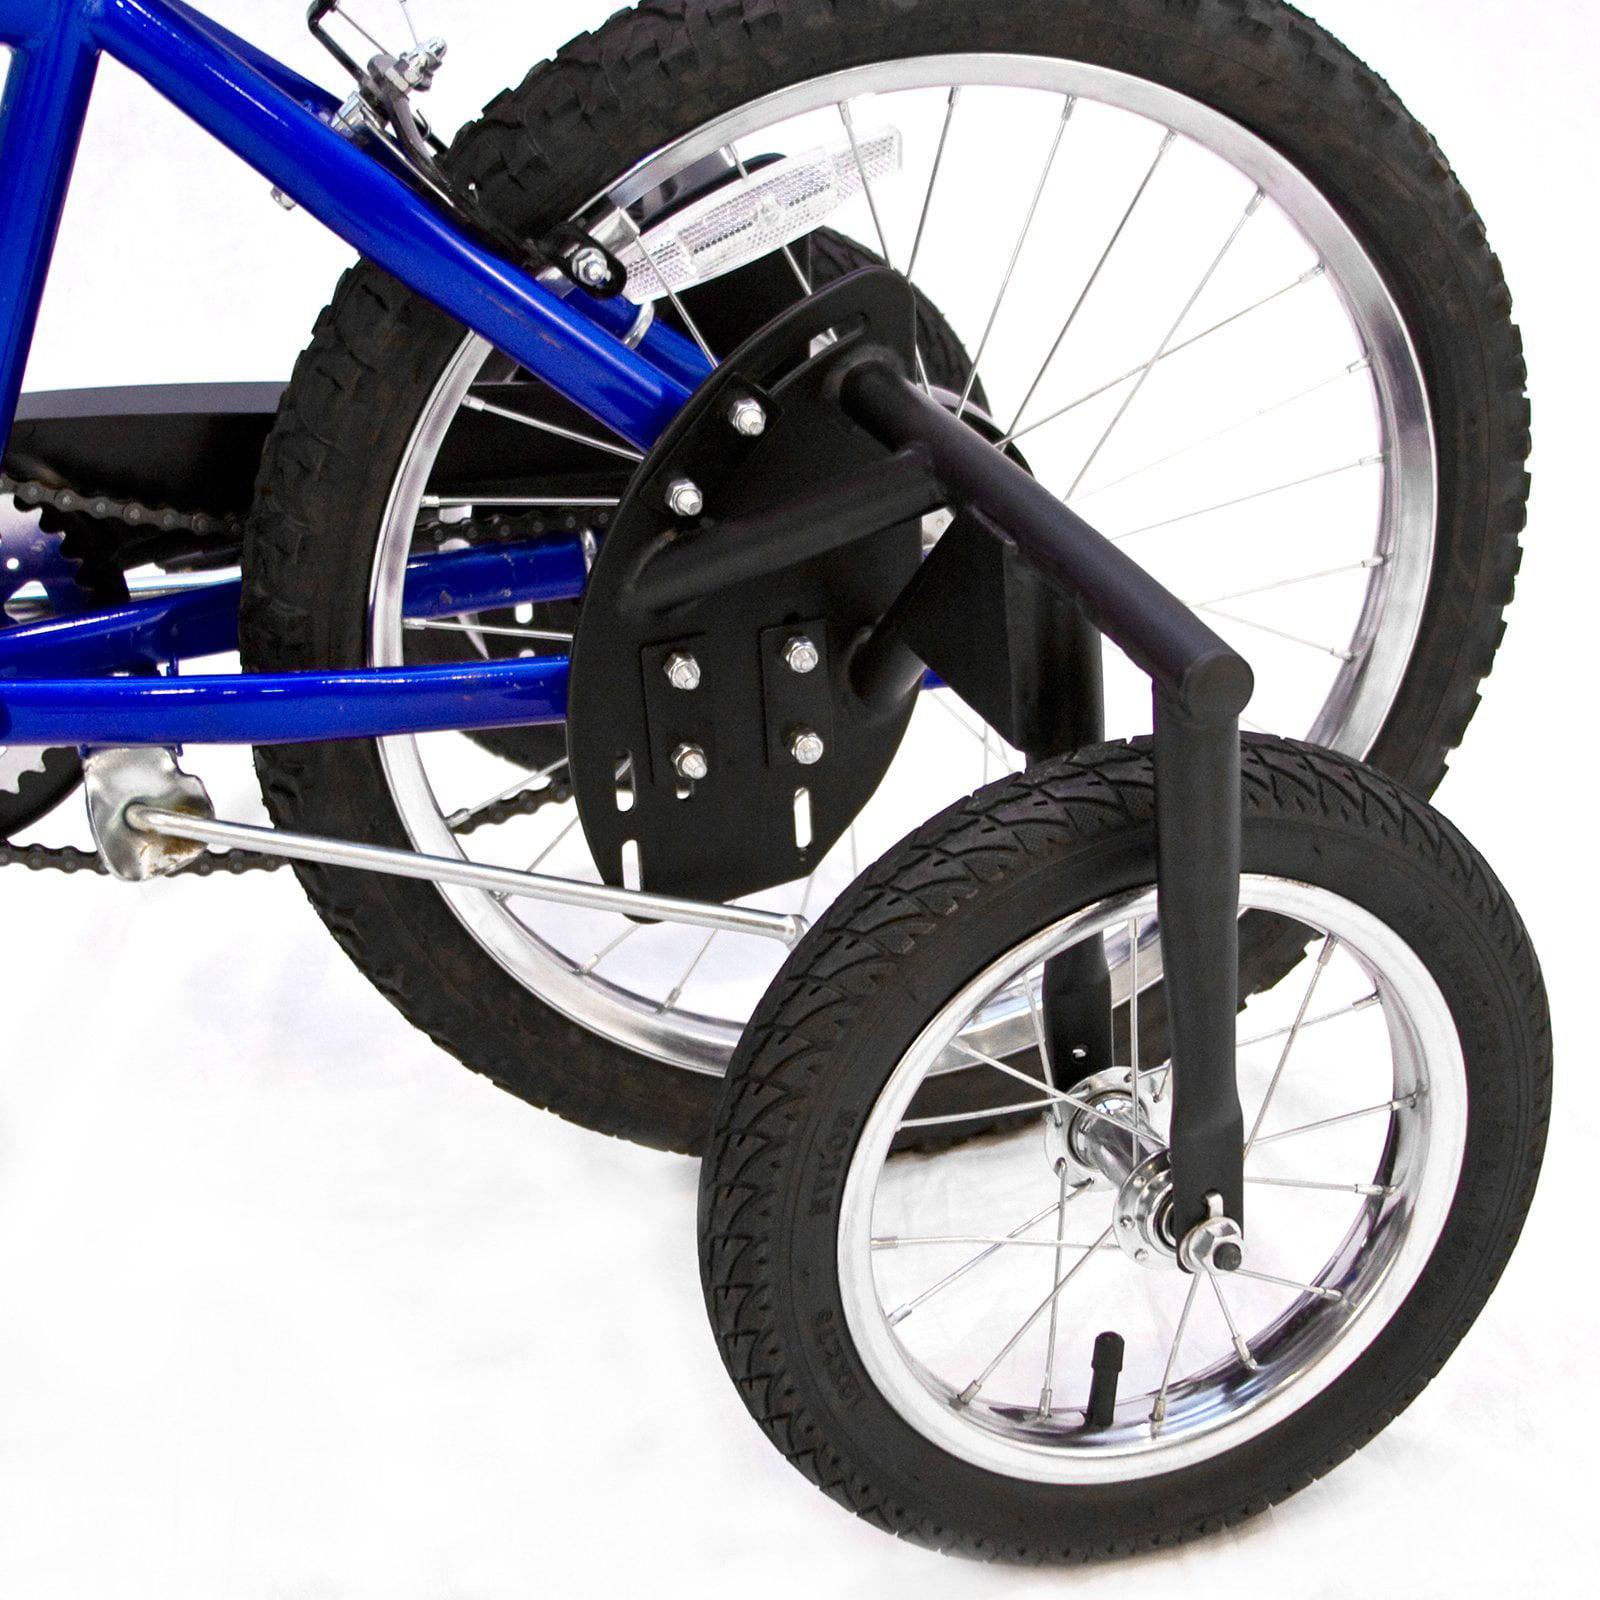 Jr. Bicycle Stabilizer Wheel Kit